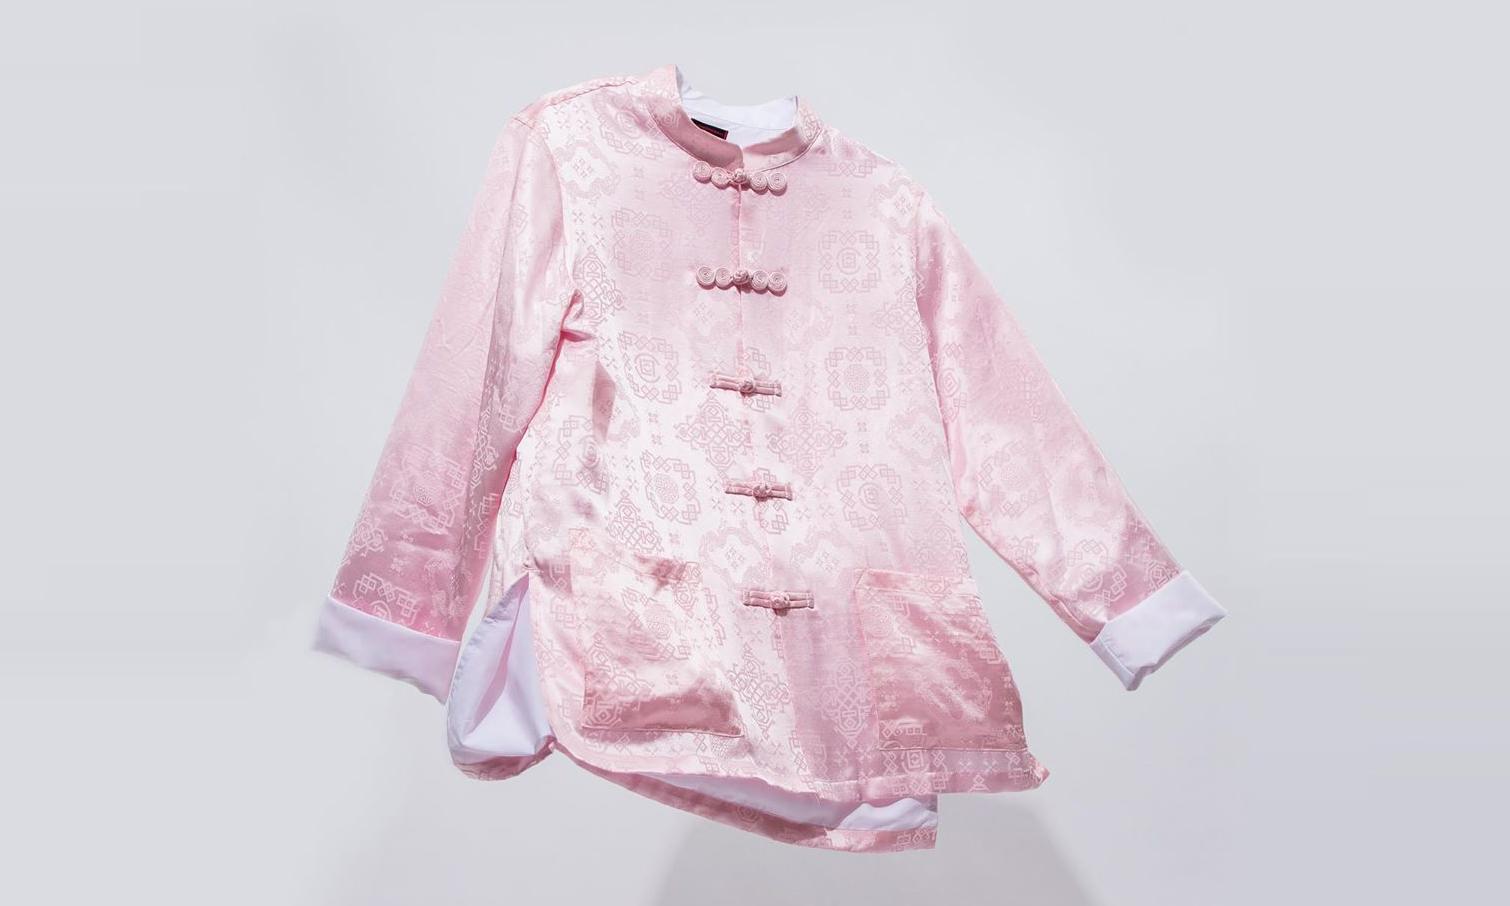 CLOT 粉丝绸服饰系列今日登陆 JUICE 开售